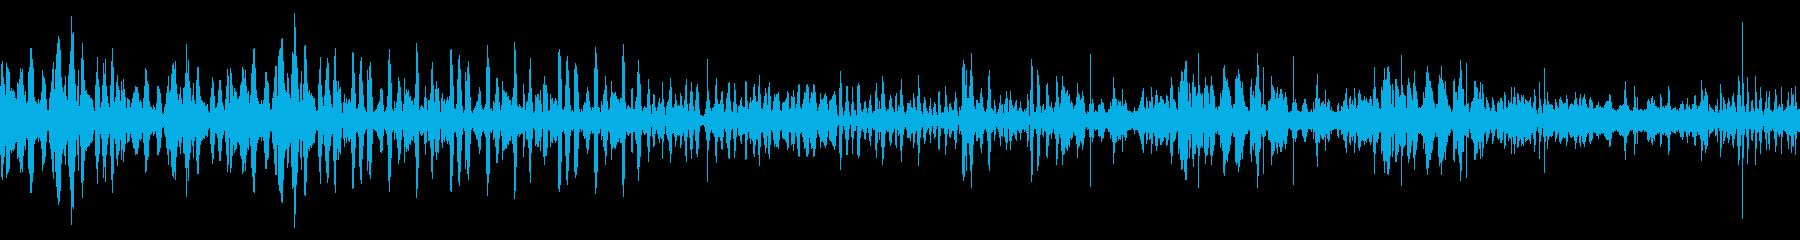 波2の再生済みの波形